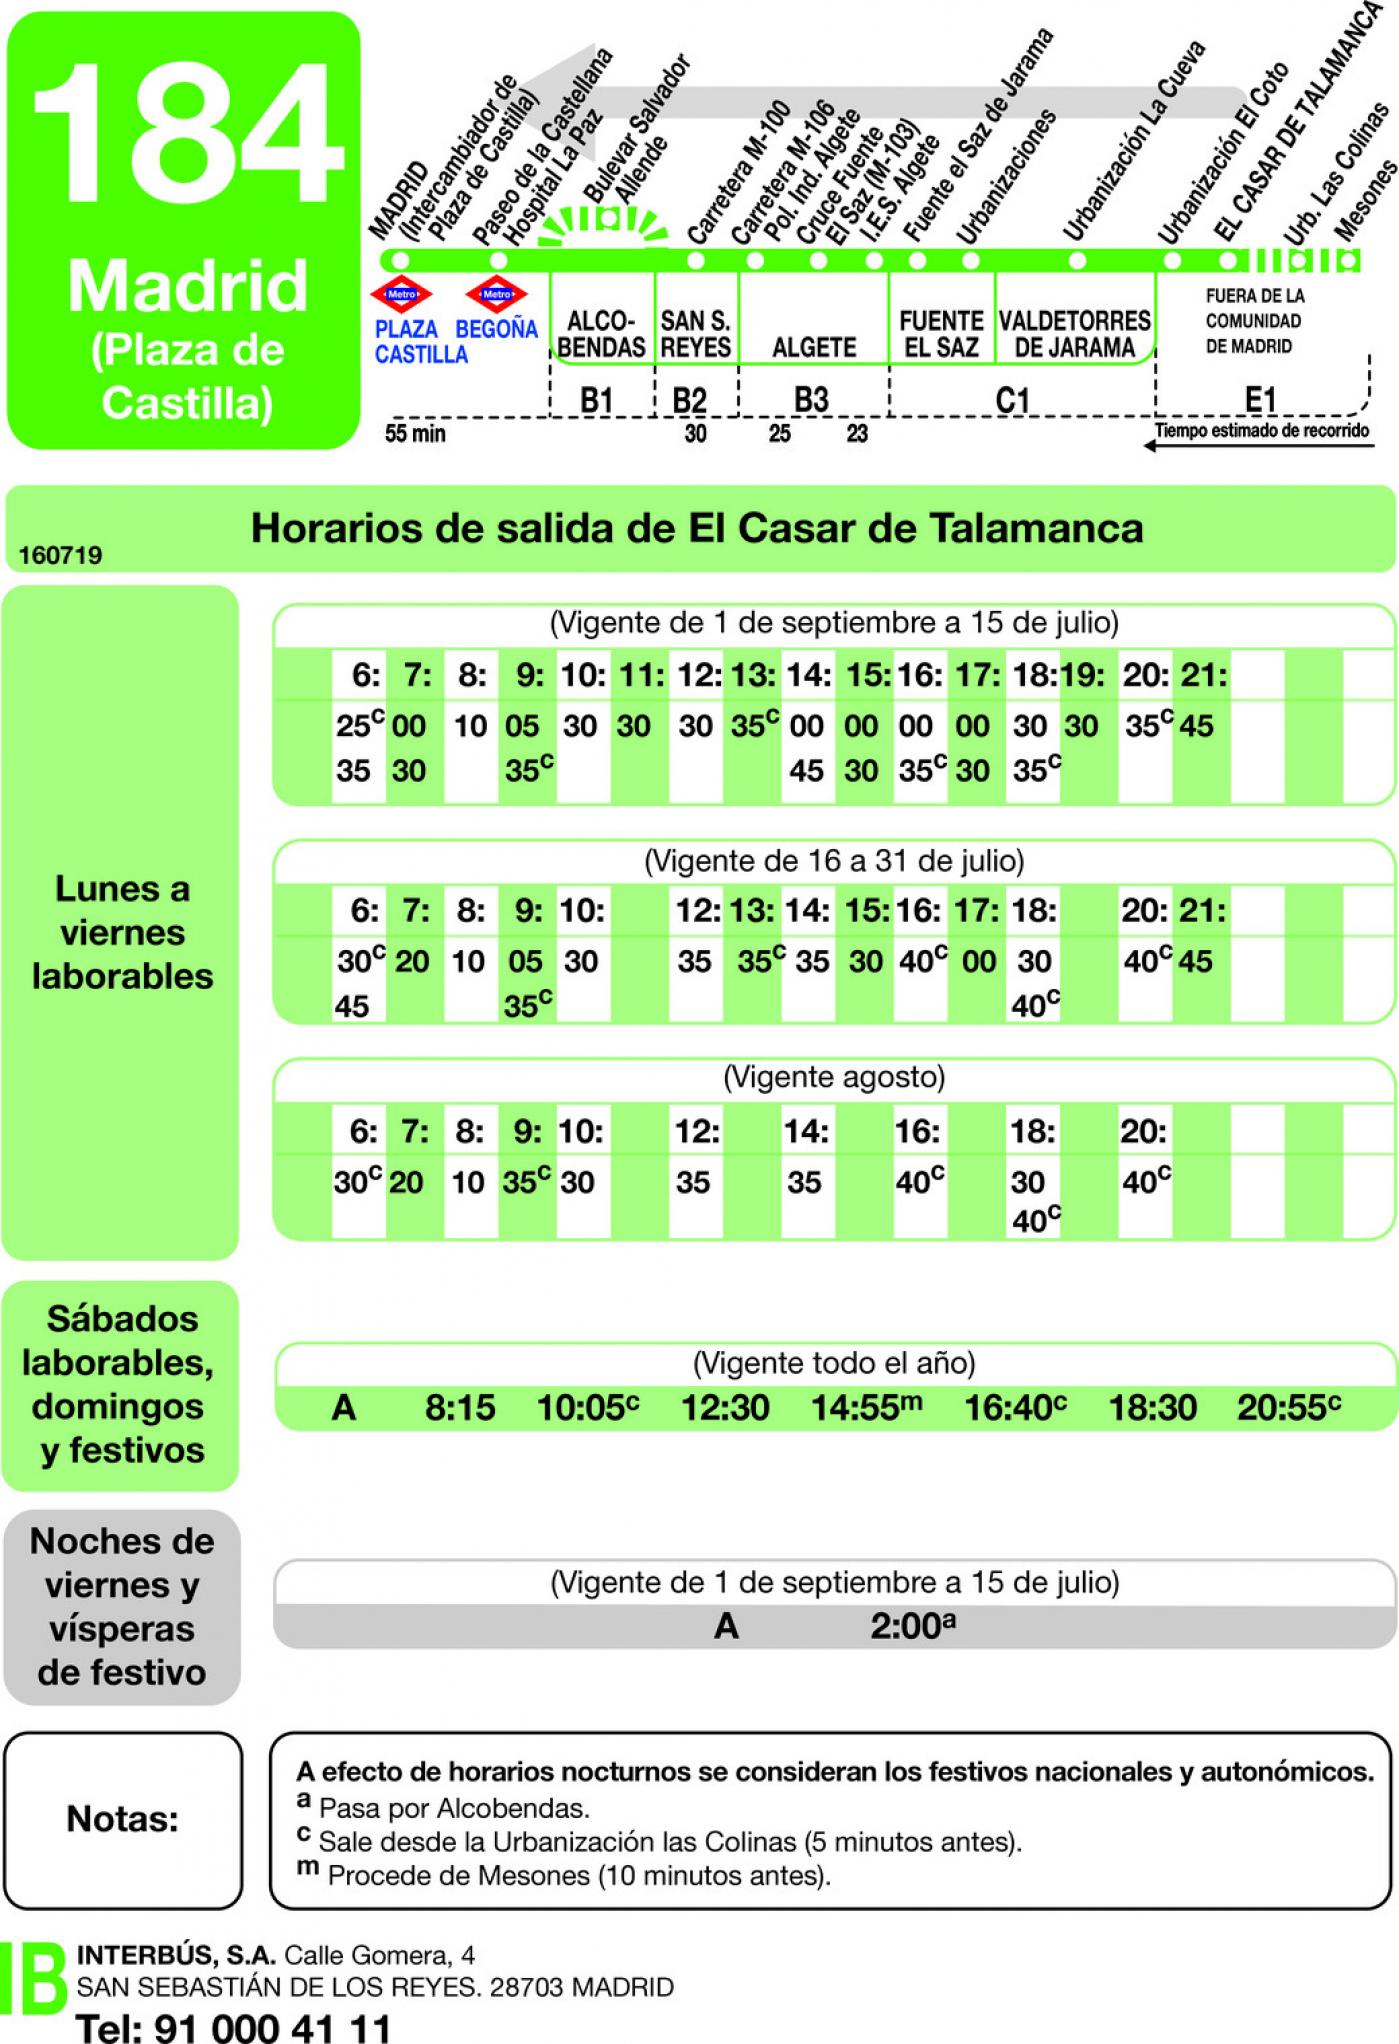 Tabla de horarios y frecuencias de paso en sentido vuelta Línea 184: Madrid (Plaza Castilla) - El Casar